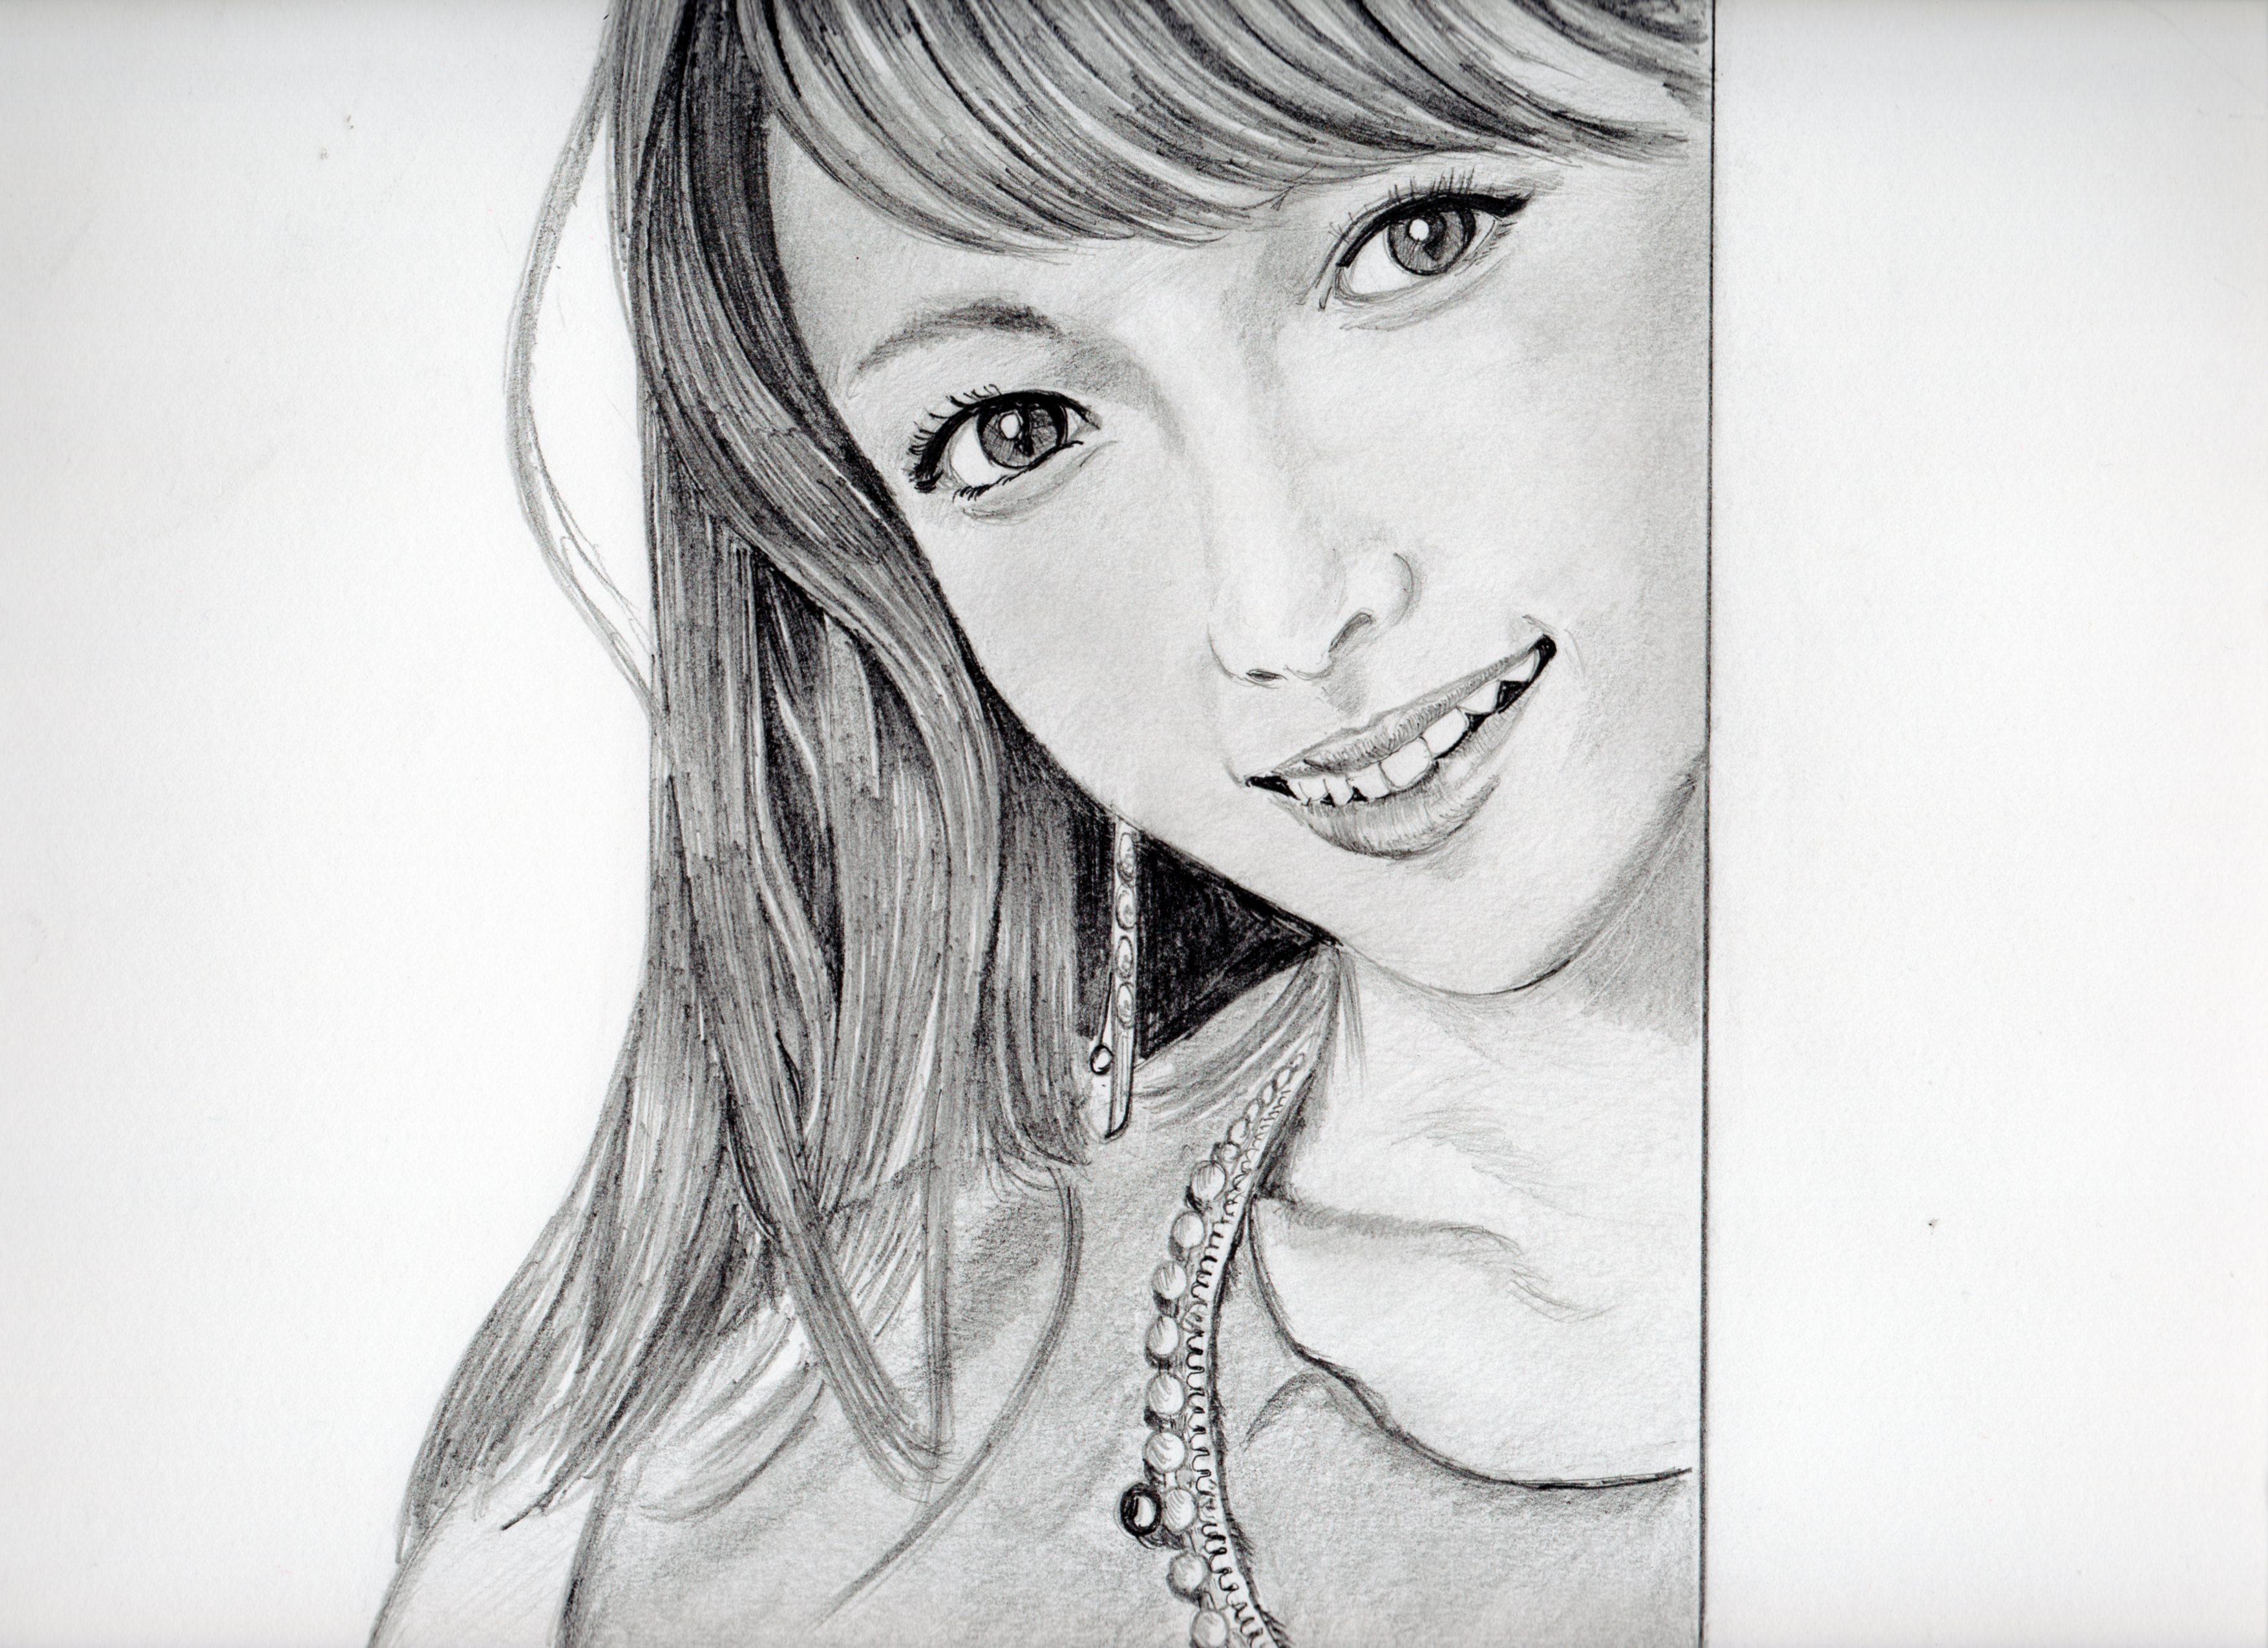 深田恭子の鉛筆画似顔絵、深田恭子のリアル鉛筆画似顔絵